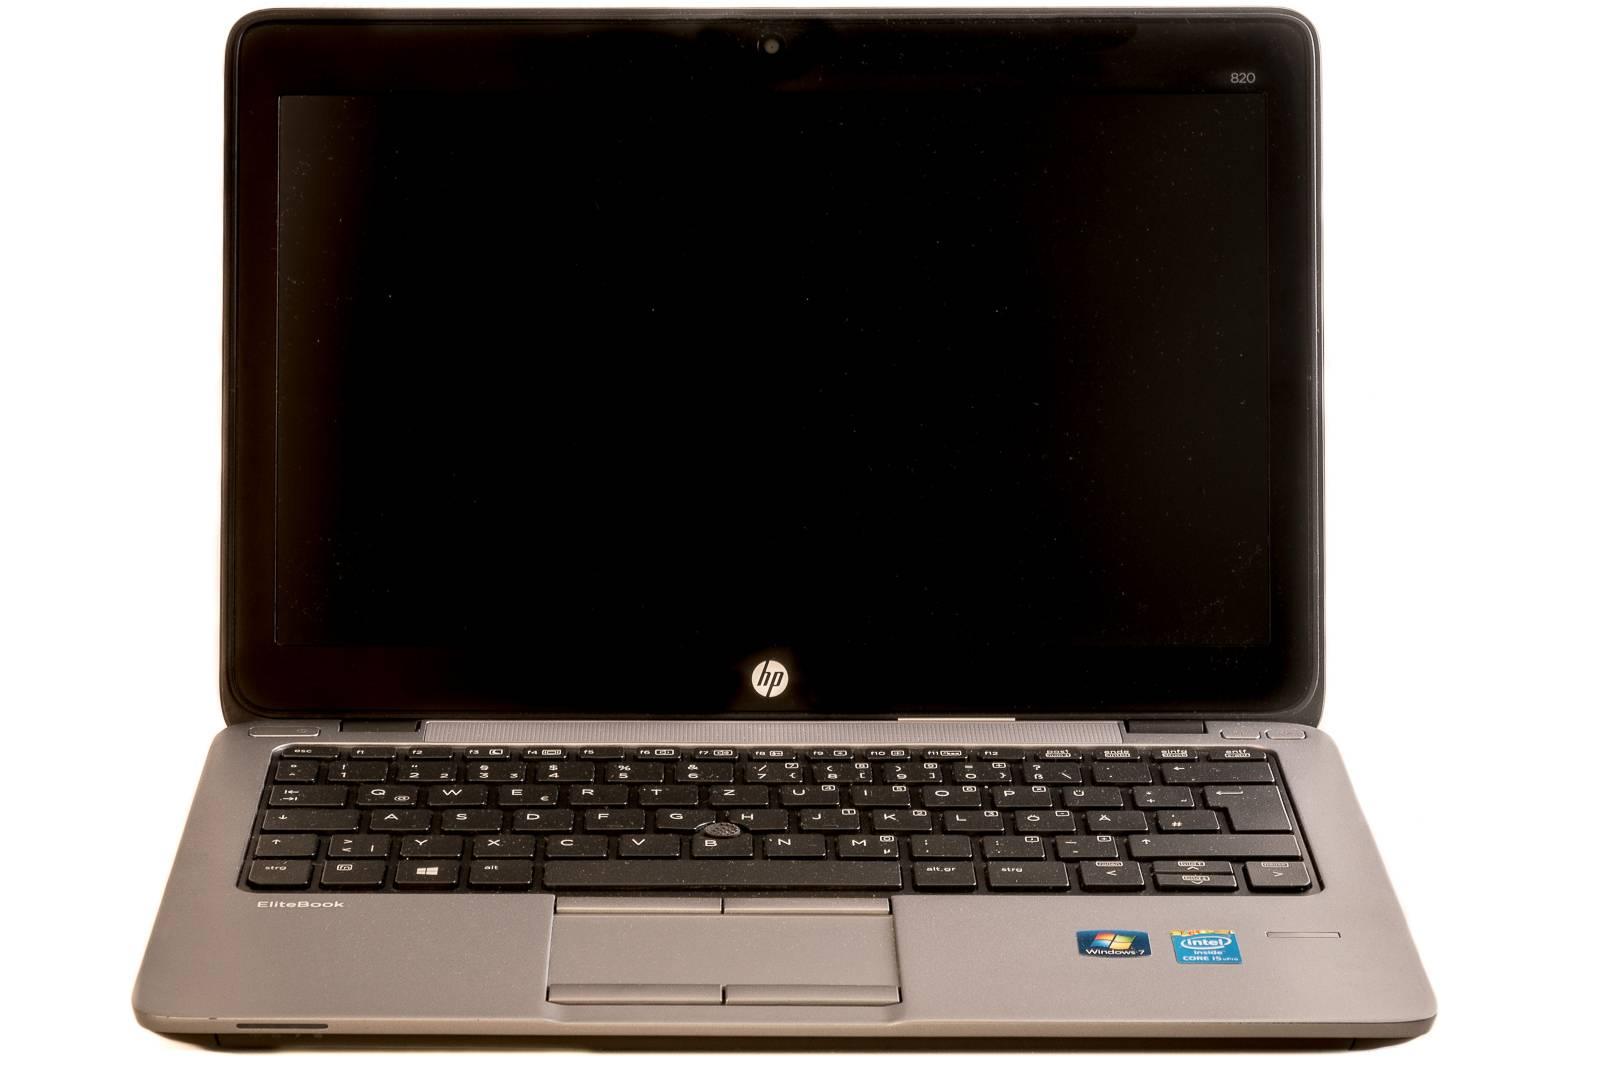 Hp elitebook 820 g1 ultrabook ips gebraucht kaufen 499 90 for 820 12